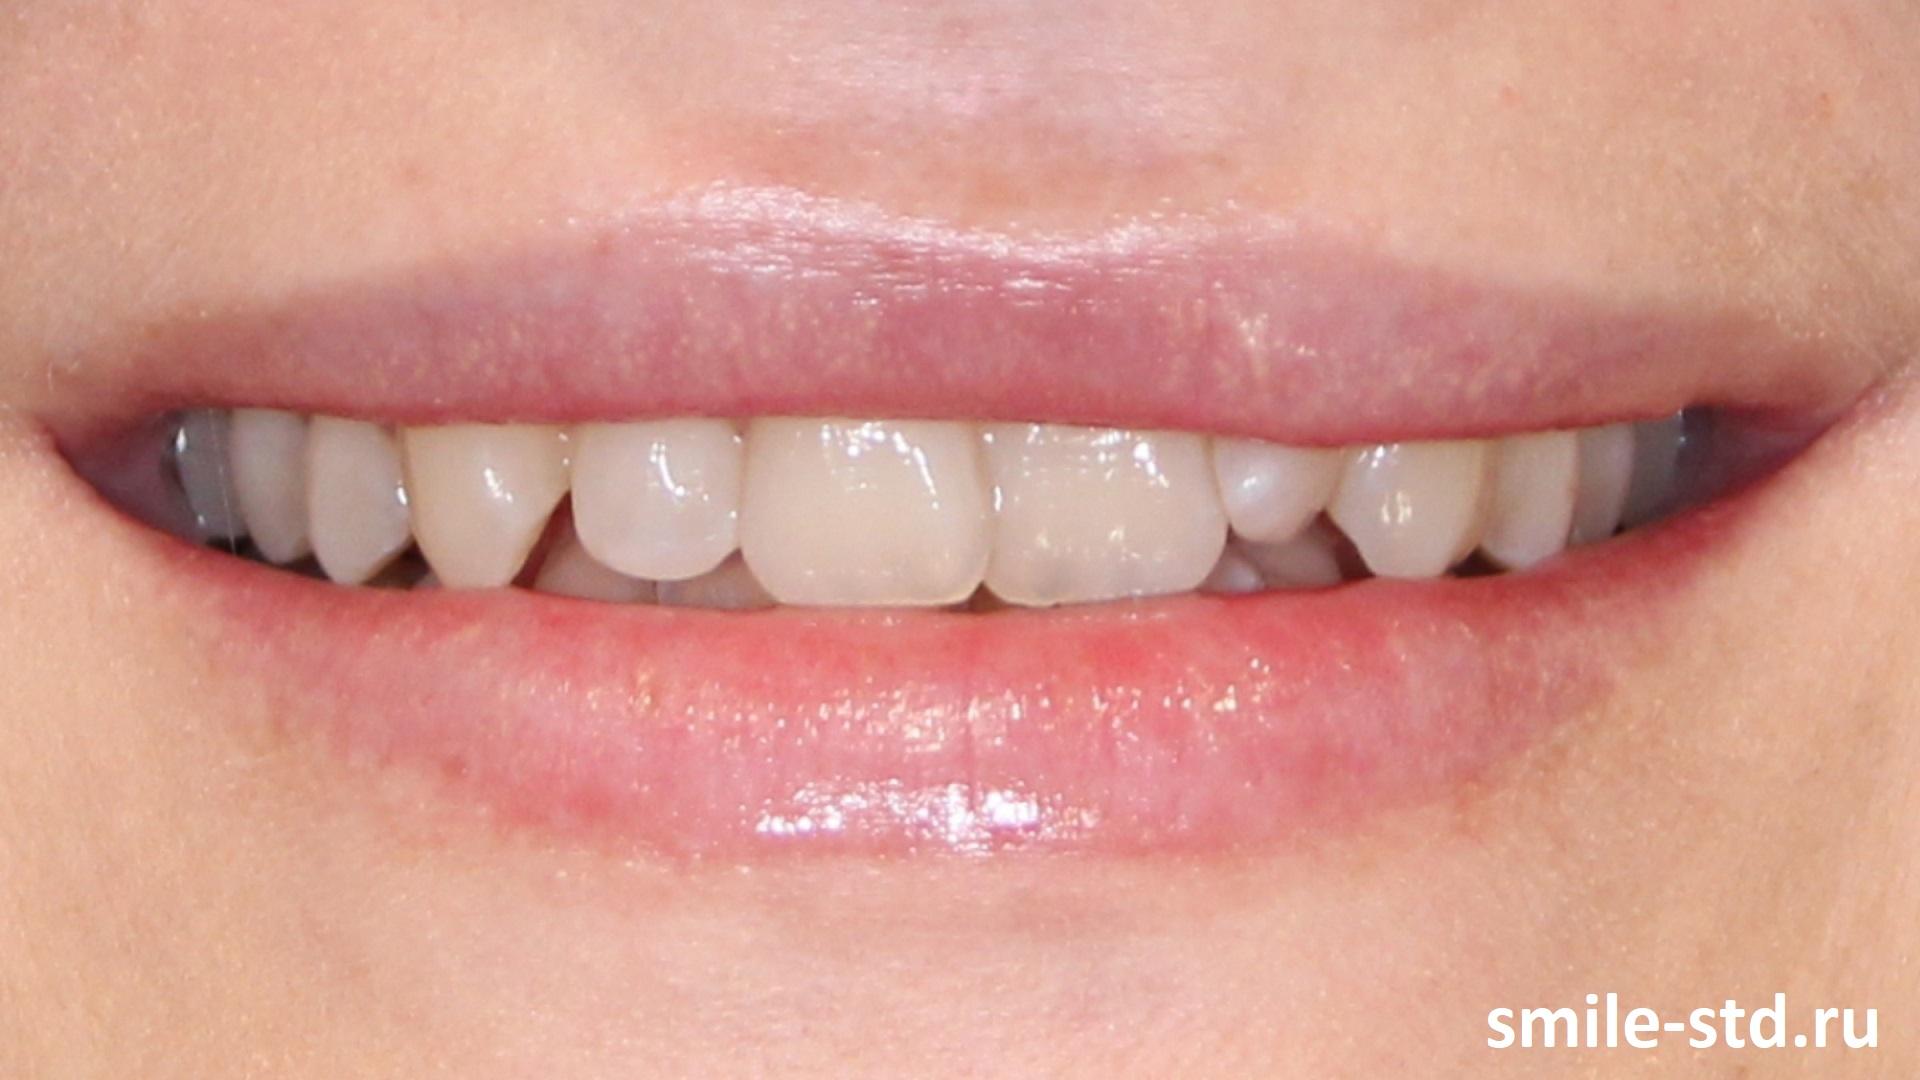 У пациентки была врожденная асимметрия губы, то есть во время улыбки у нее губы неравномерно приподнимаются. Пациент проходил лечение на винирах в клинике Smile STD, Москва